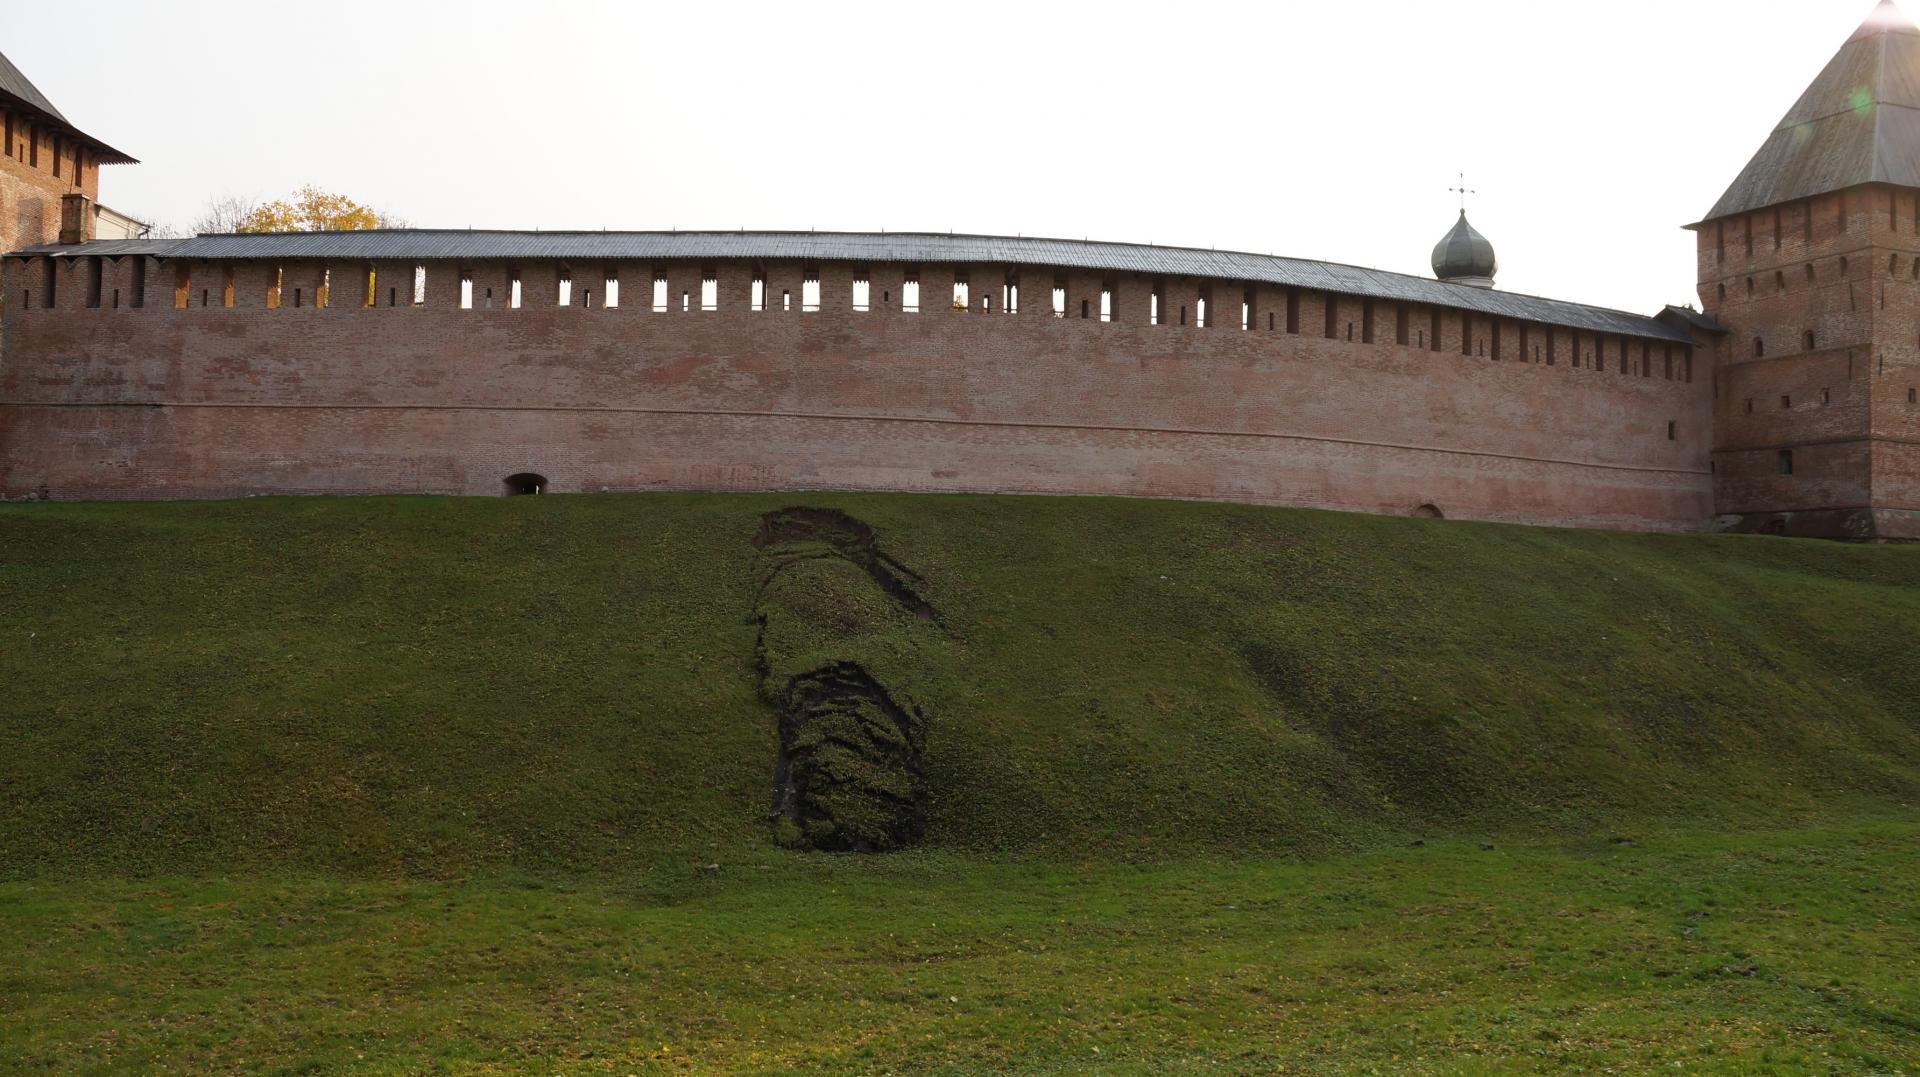 Оползни на валу Новгородского кремля